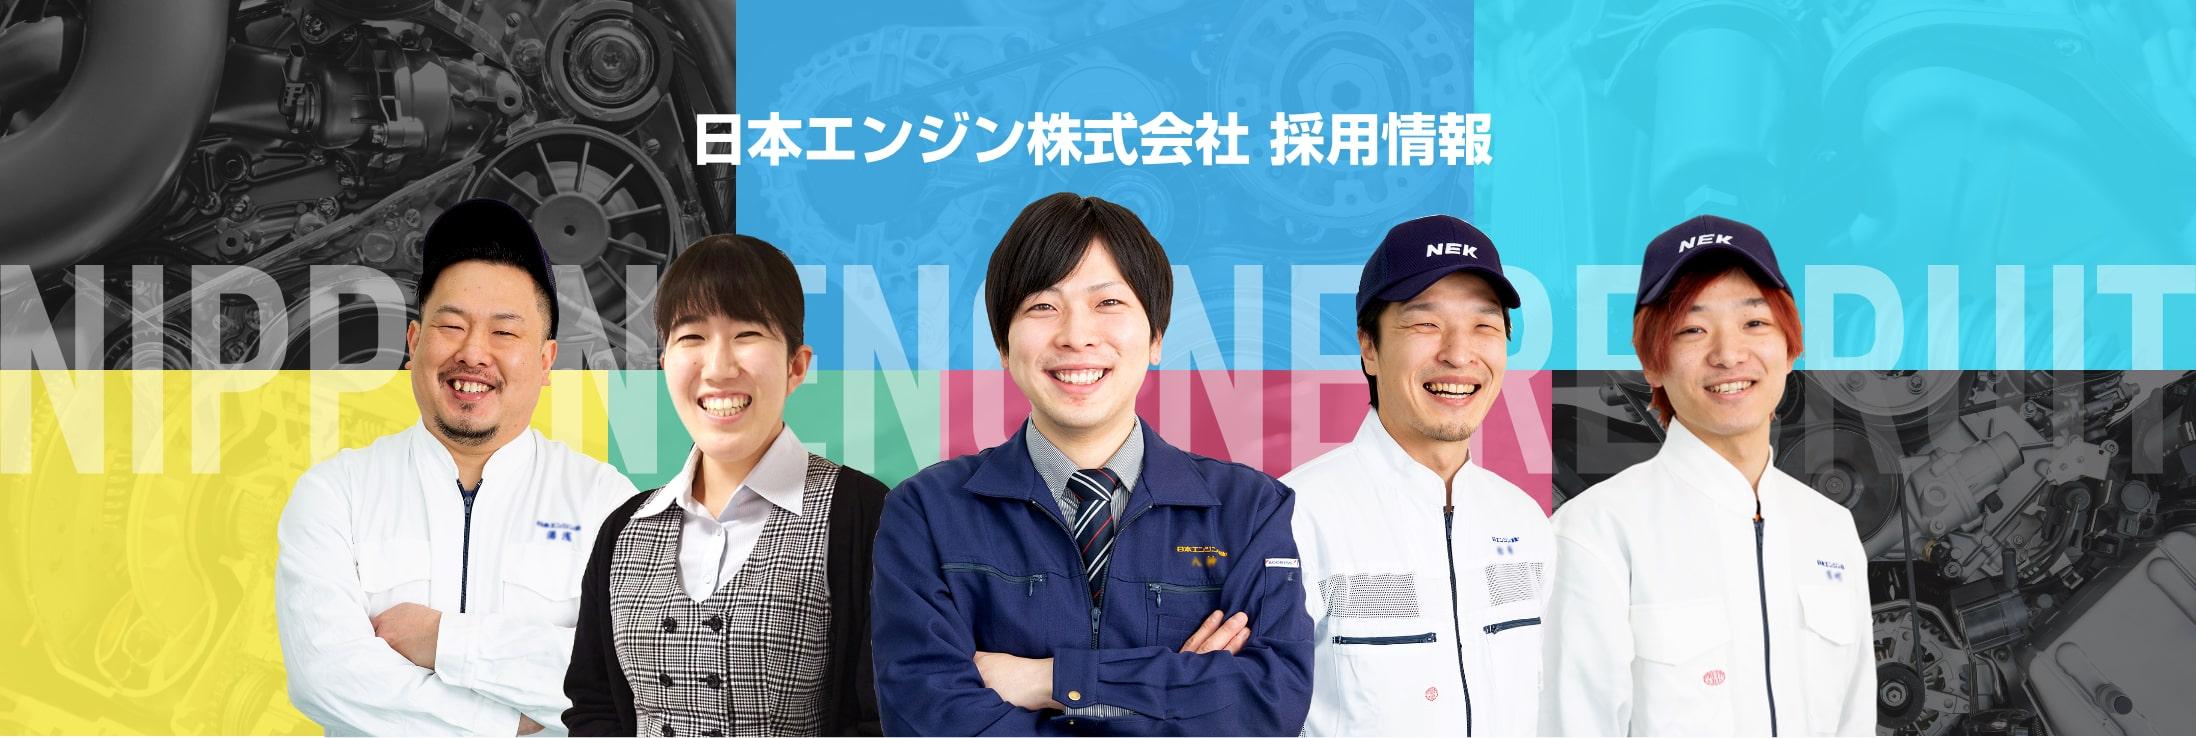 日本エンジン株式会社採用情報